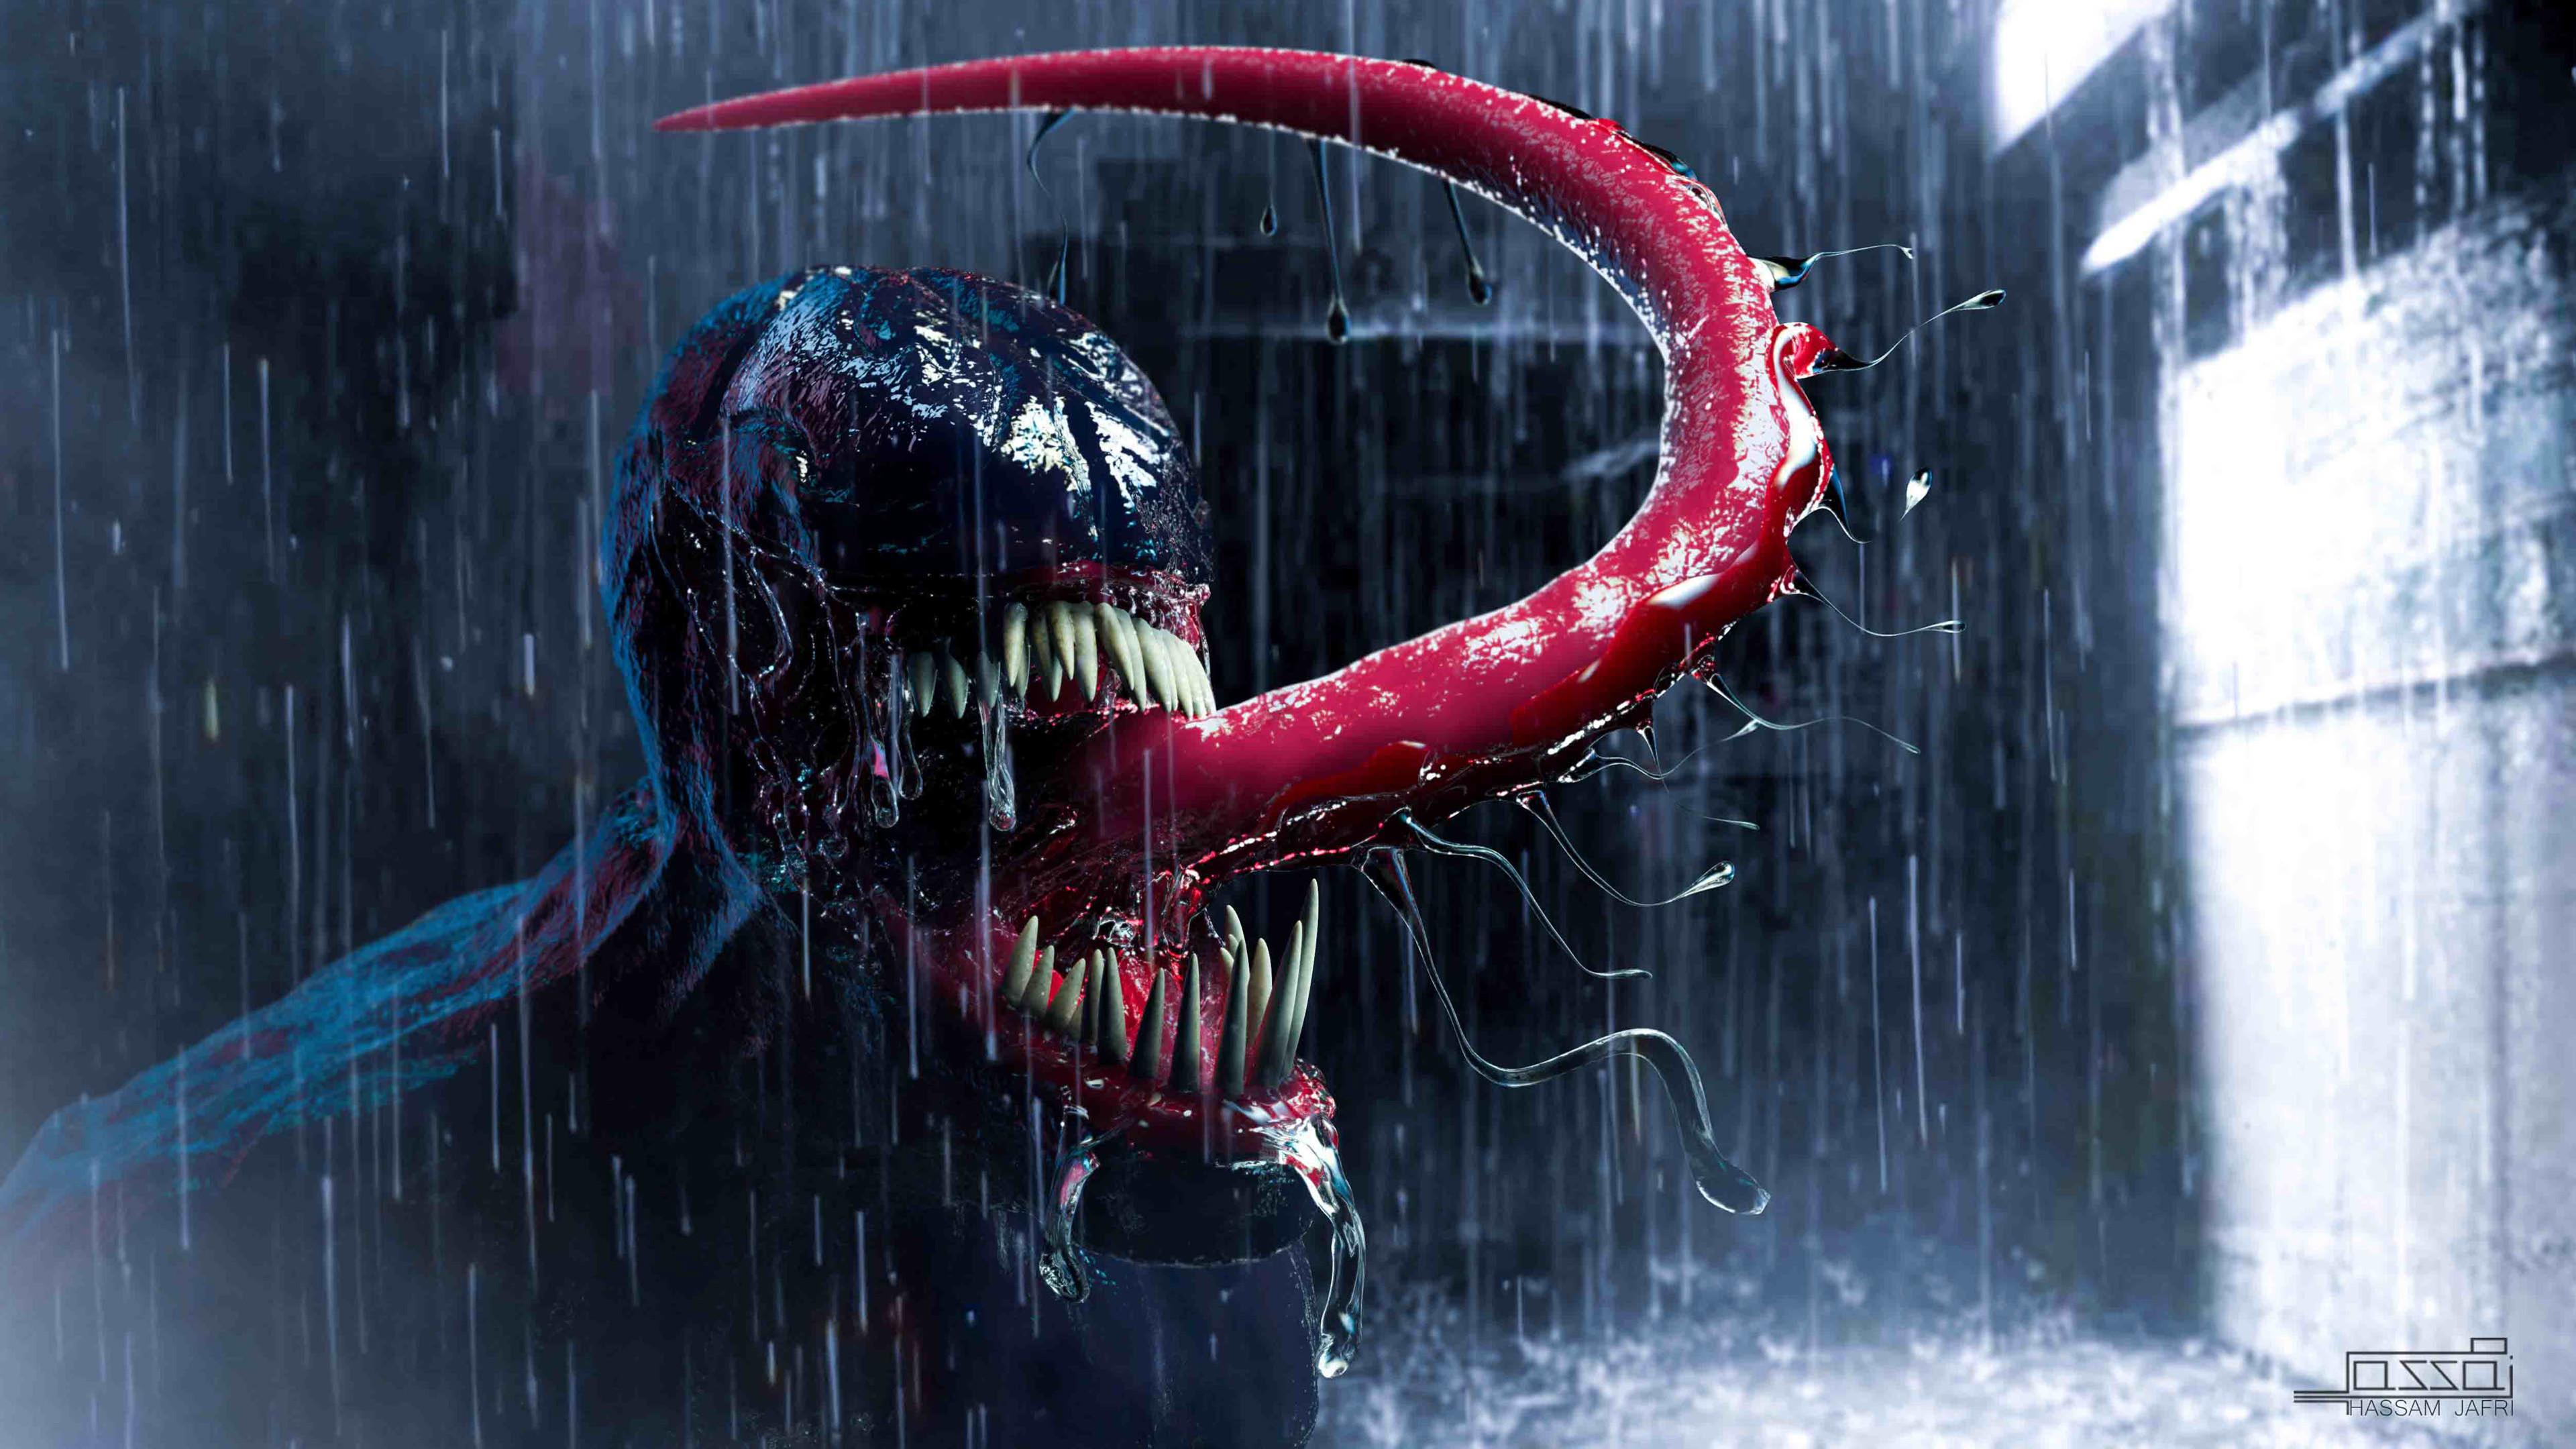 venom in the rain 1543620291 - Venom In The Rain - Venom wallpapers, superheroes wallpapers, hd-wallpapers, digital art wallpapers, behance wallpapers, artwork wallpapers, 4k-wallpapers